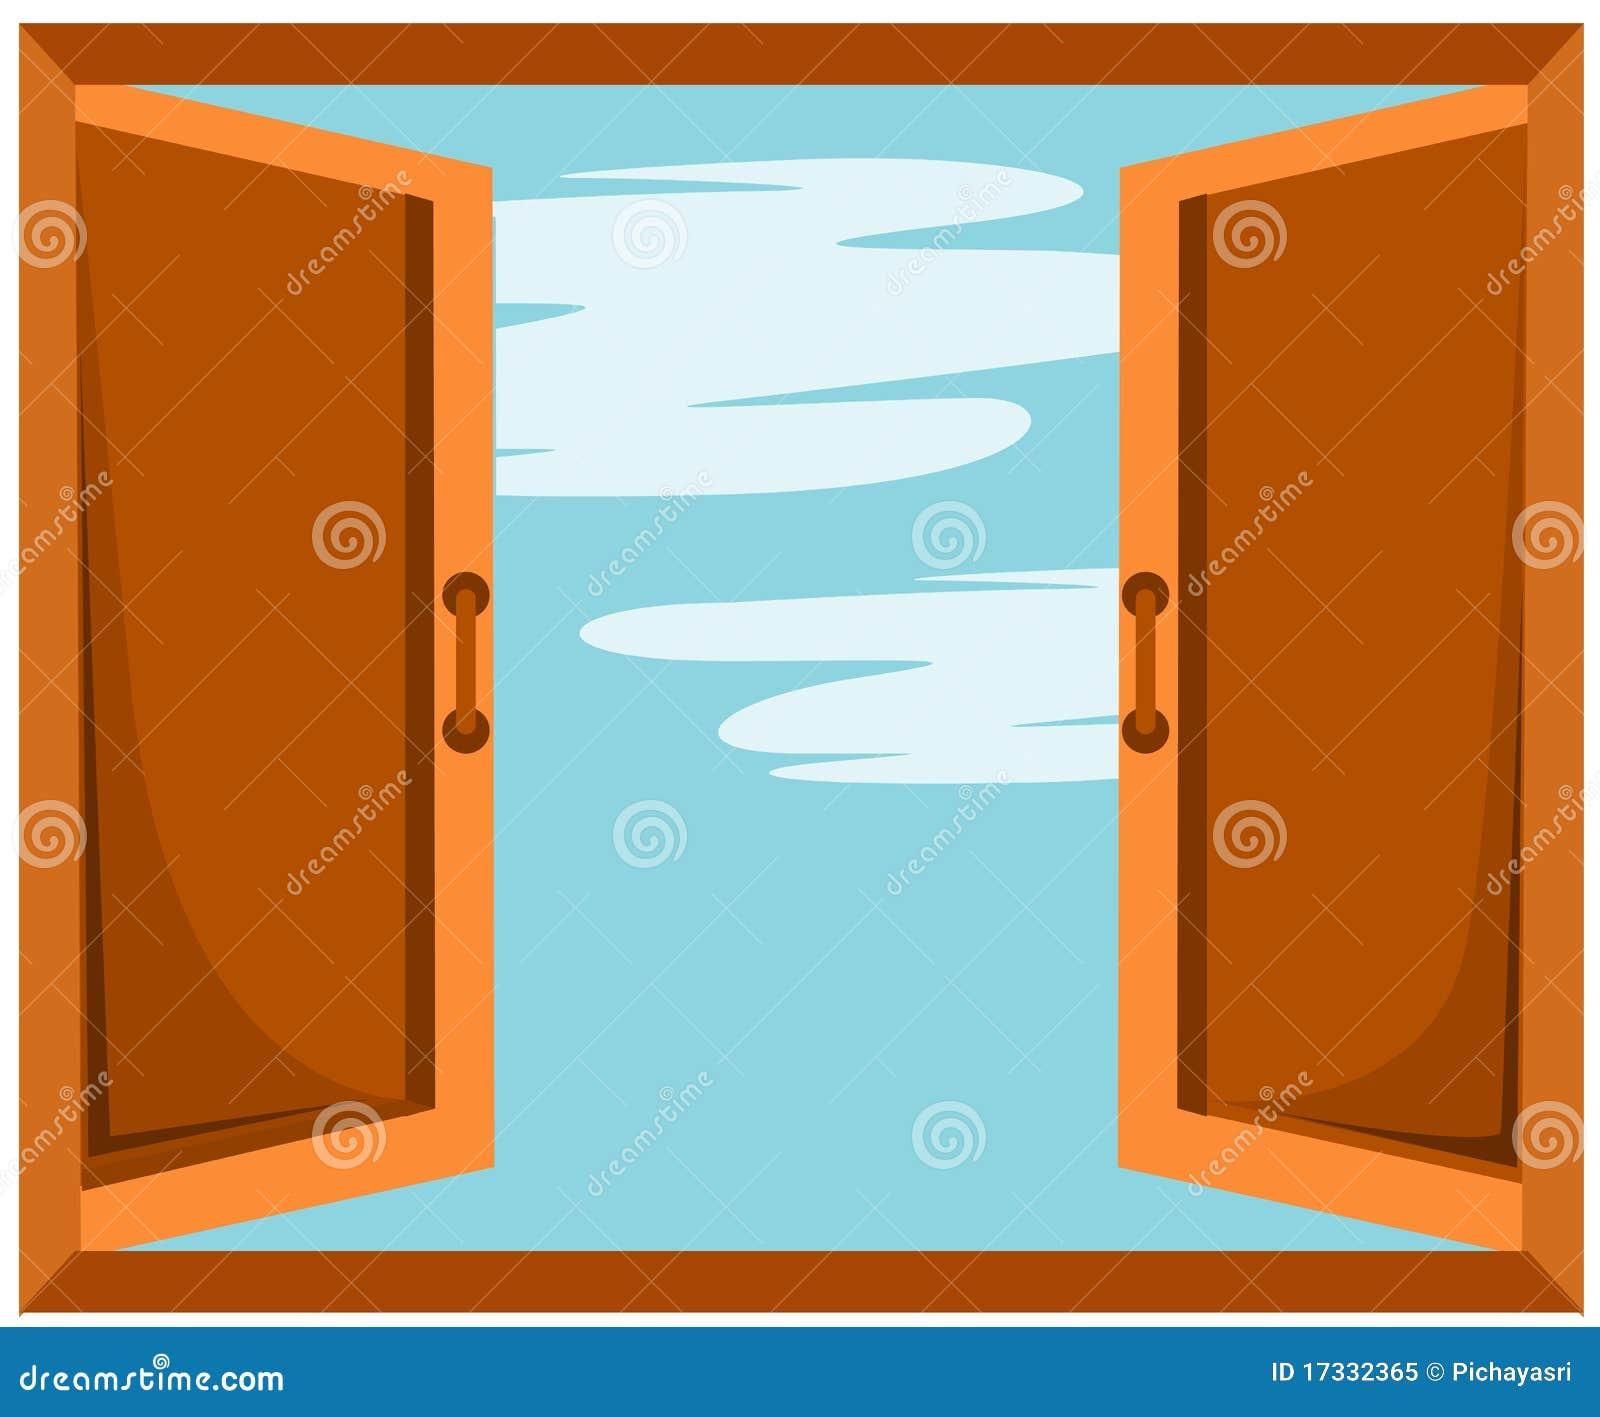 Finestra aperta illustrazione vettoriale illustrazione di for Disegno di finestra aperta